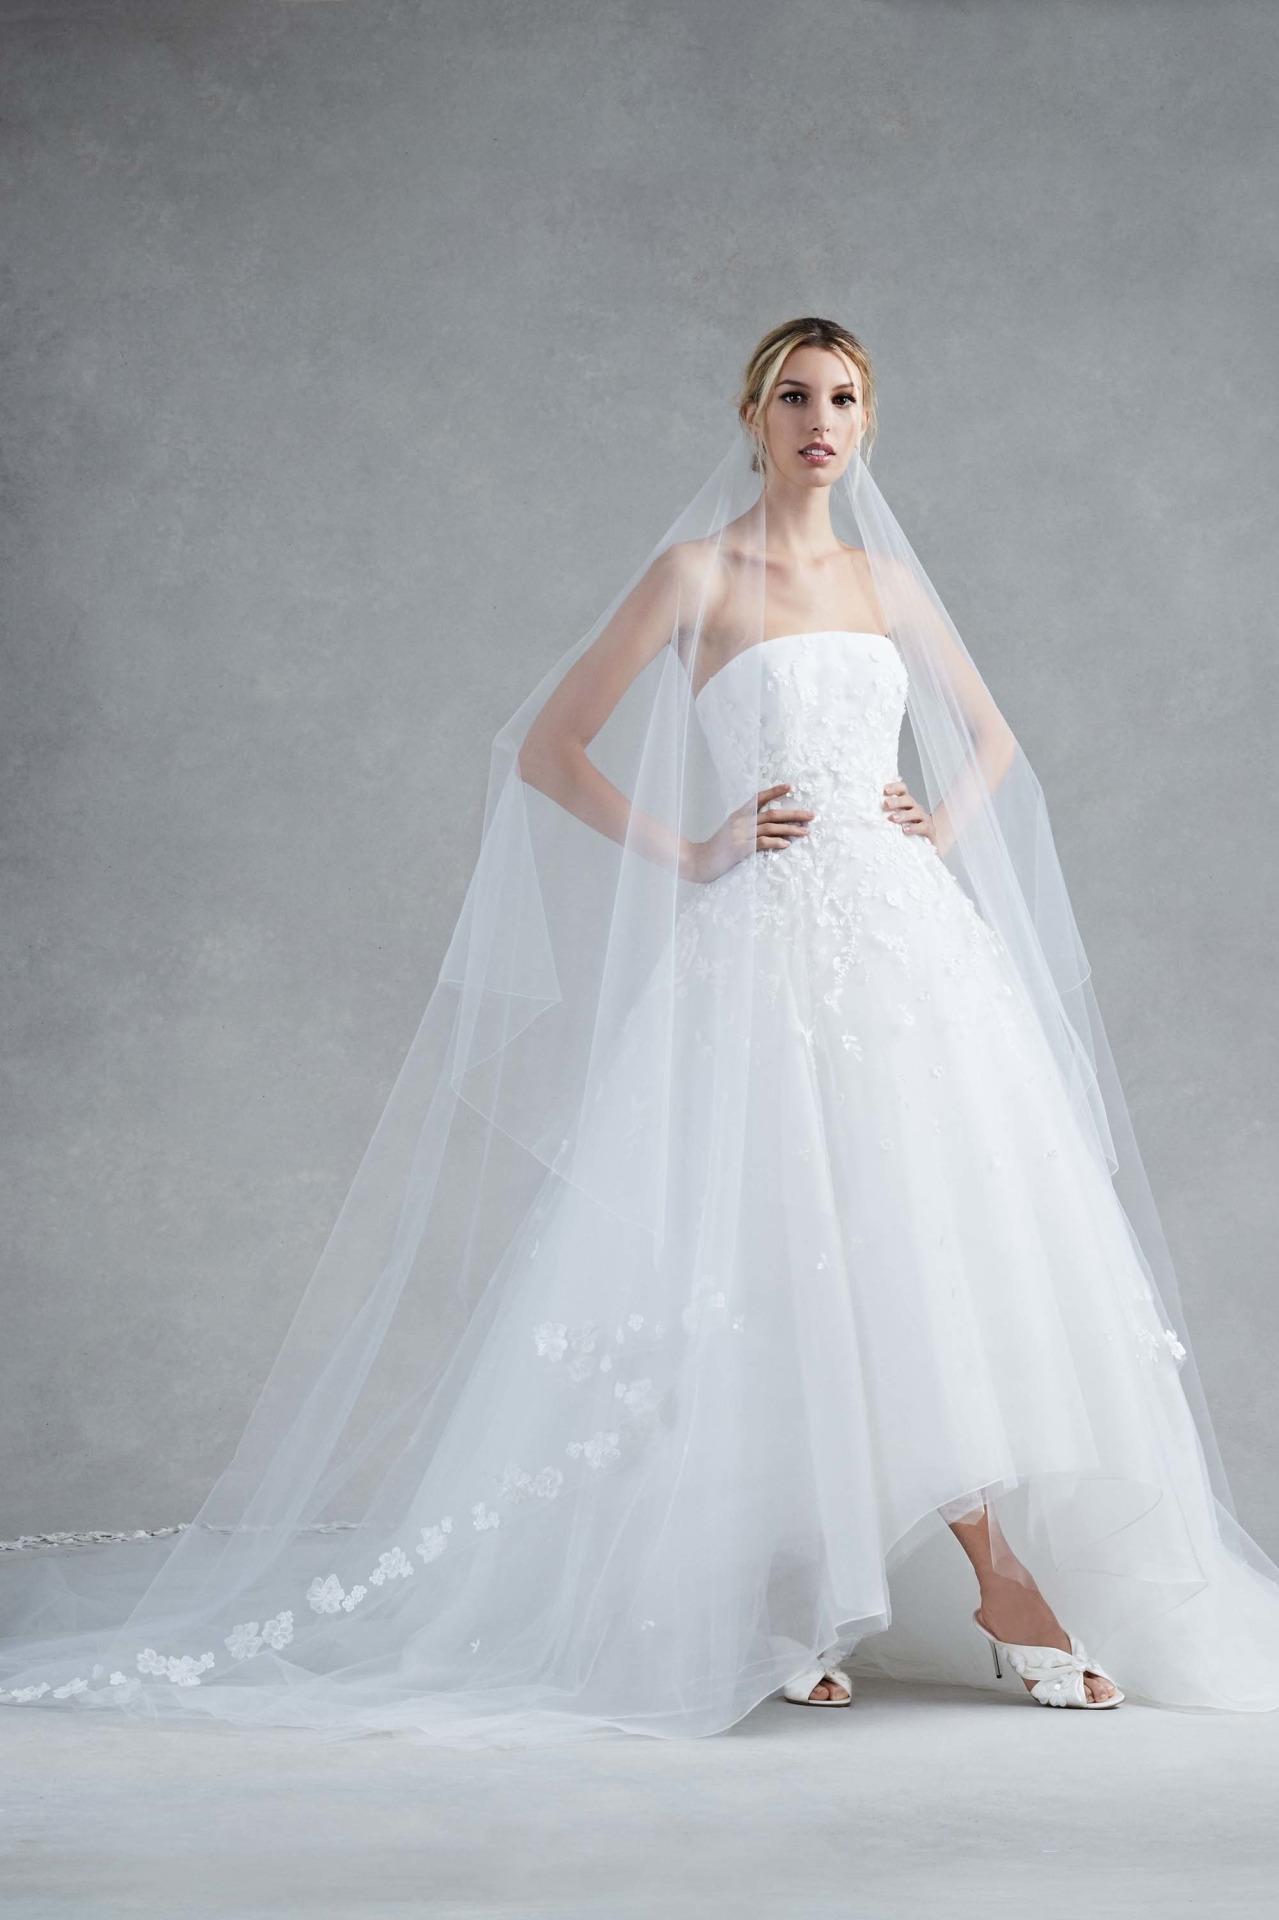 4749 Словно Ангел, свадебные платья 2017 - 2018 ......